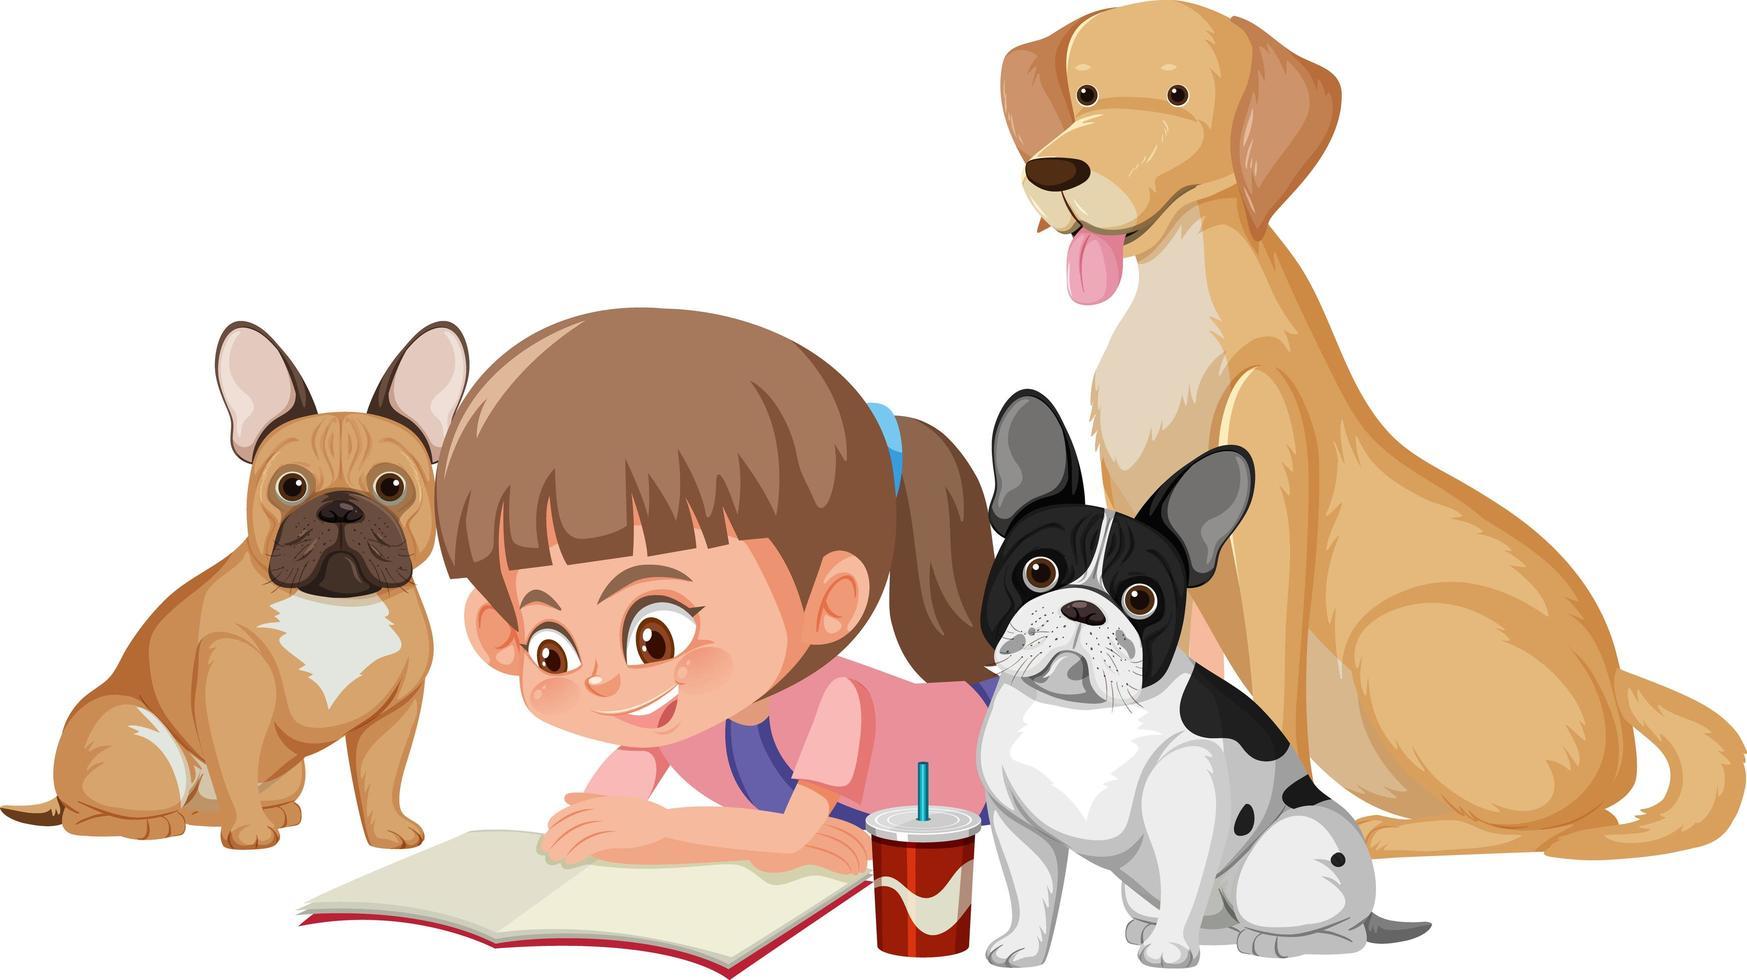 une fille jouant avec des chiens mignons sur fond blanc vecteur